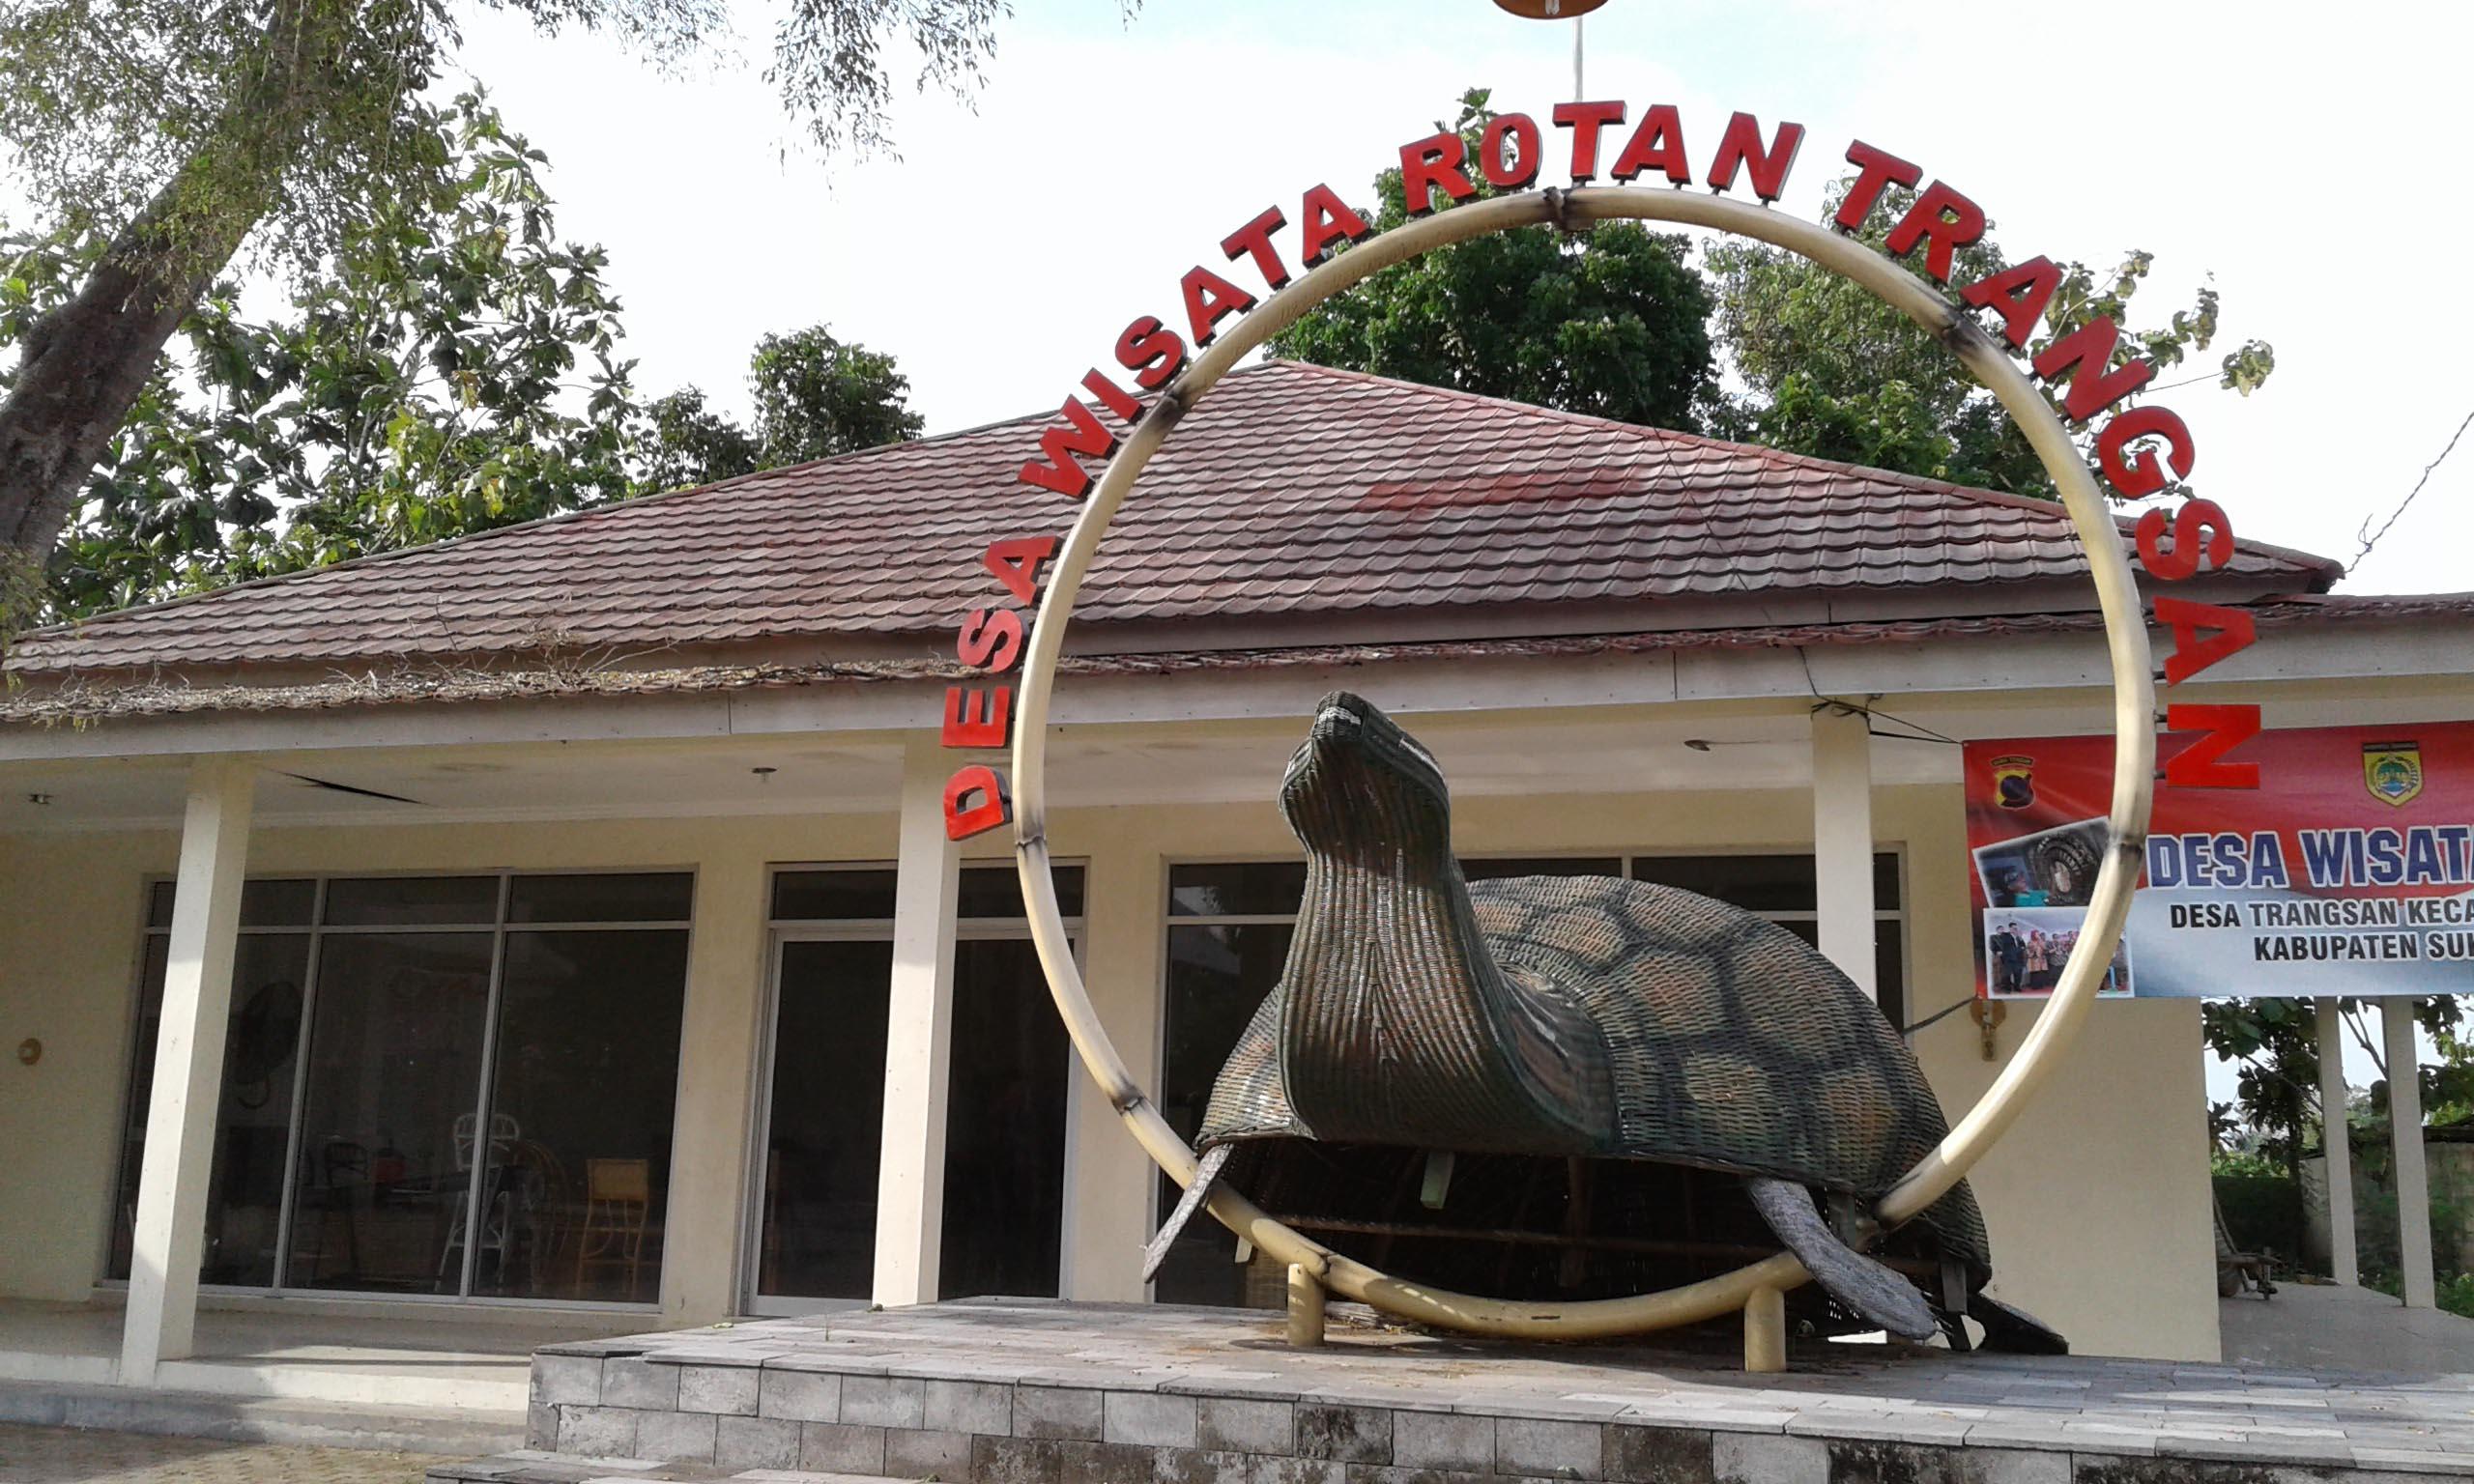 Mengenal Desa Wisata Rotan Trangsan Sejak Zaman Belanda Hingga Jadi Pengolahan Terbesar di Jawa